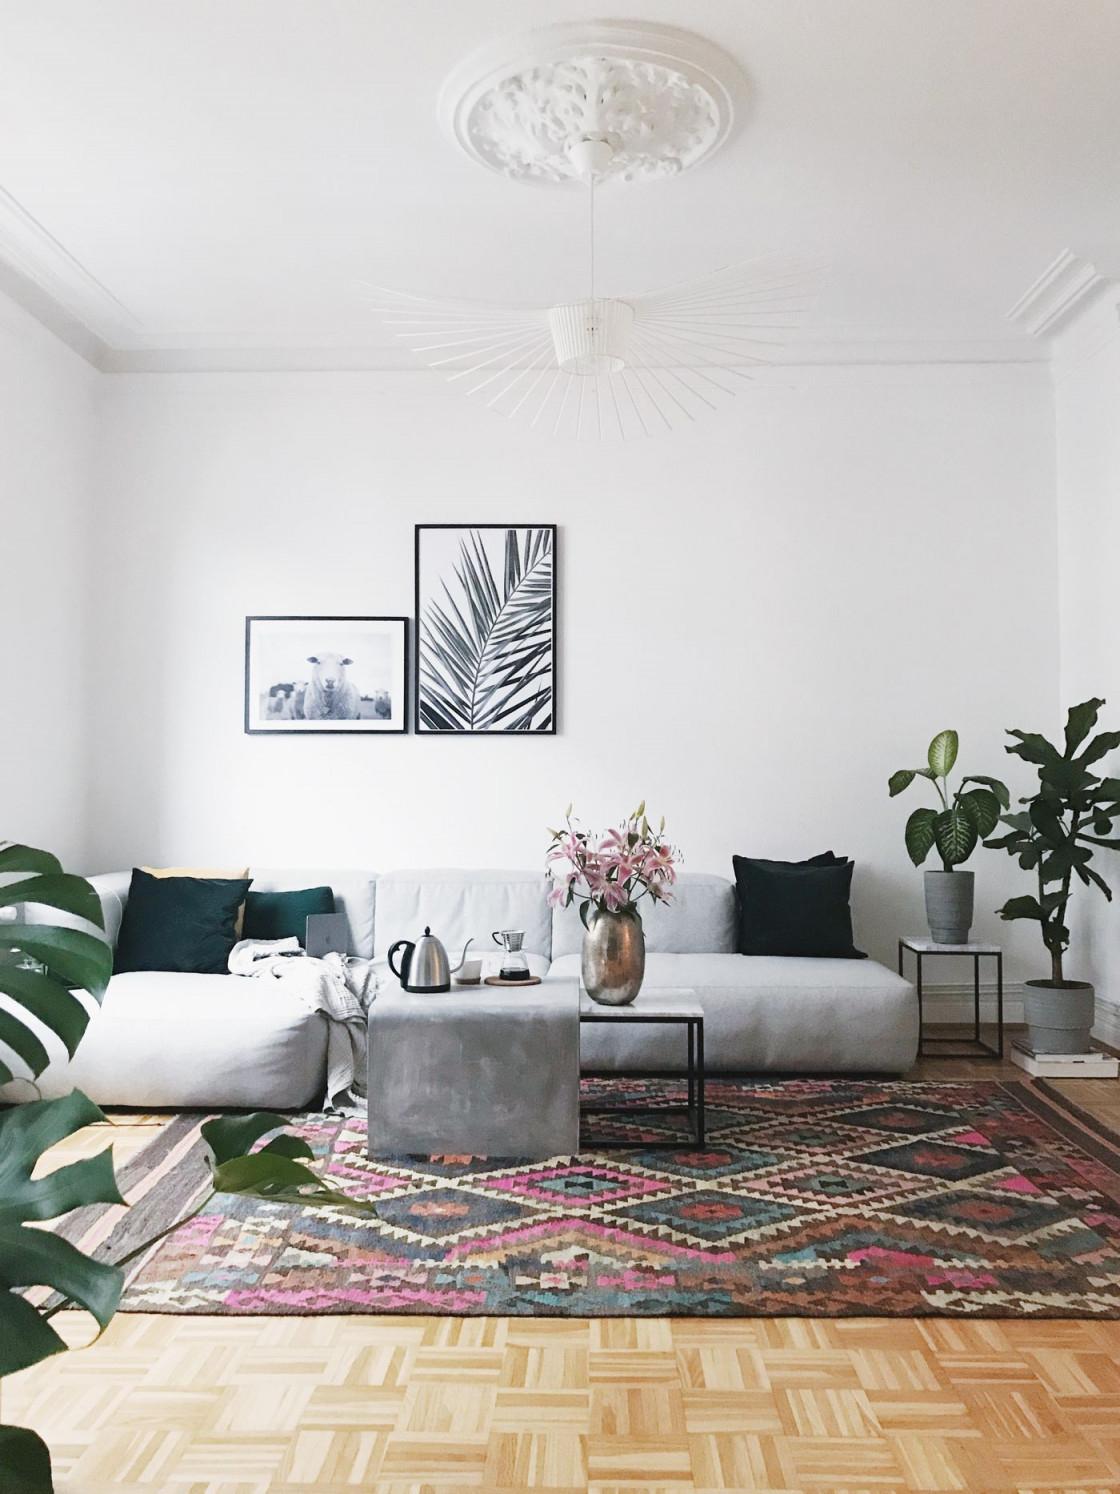 Die Schönsten Wohnzimmer Deko Ideen von Schöne Wohnzimmer Deko Photo